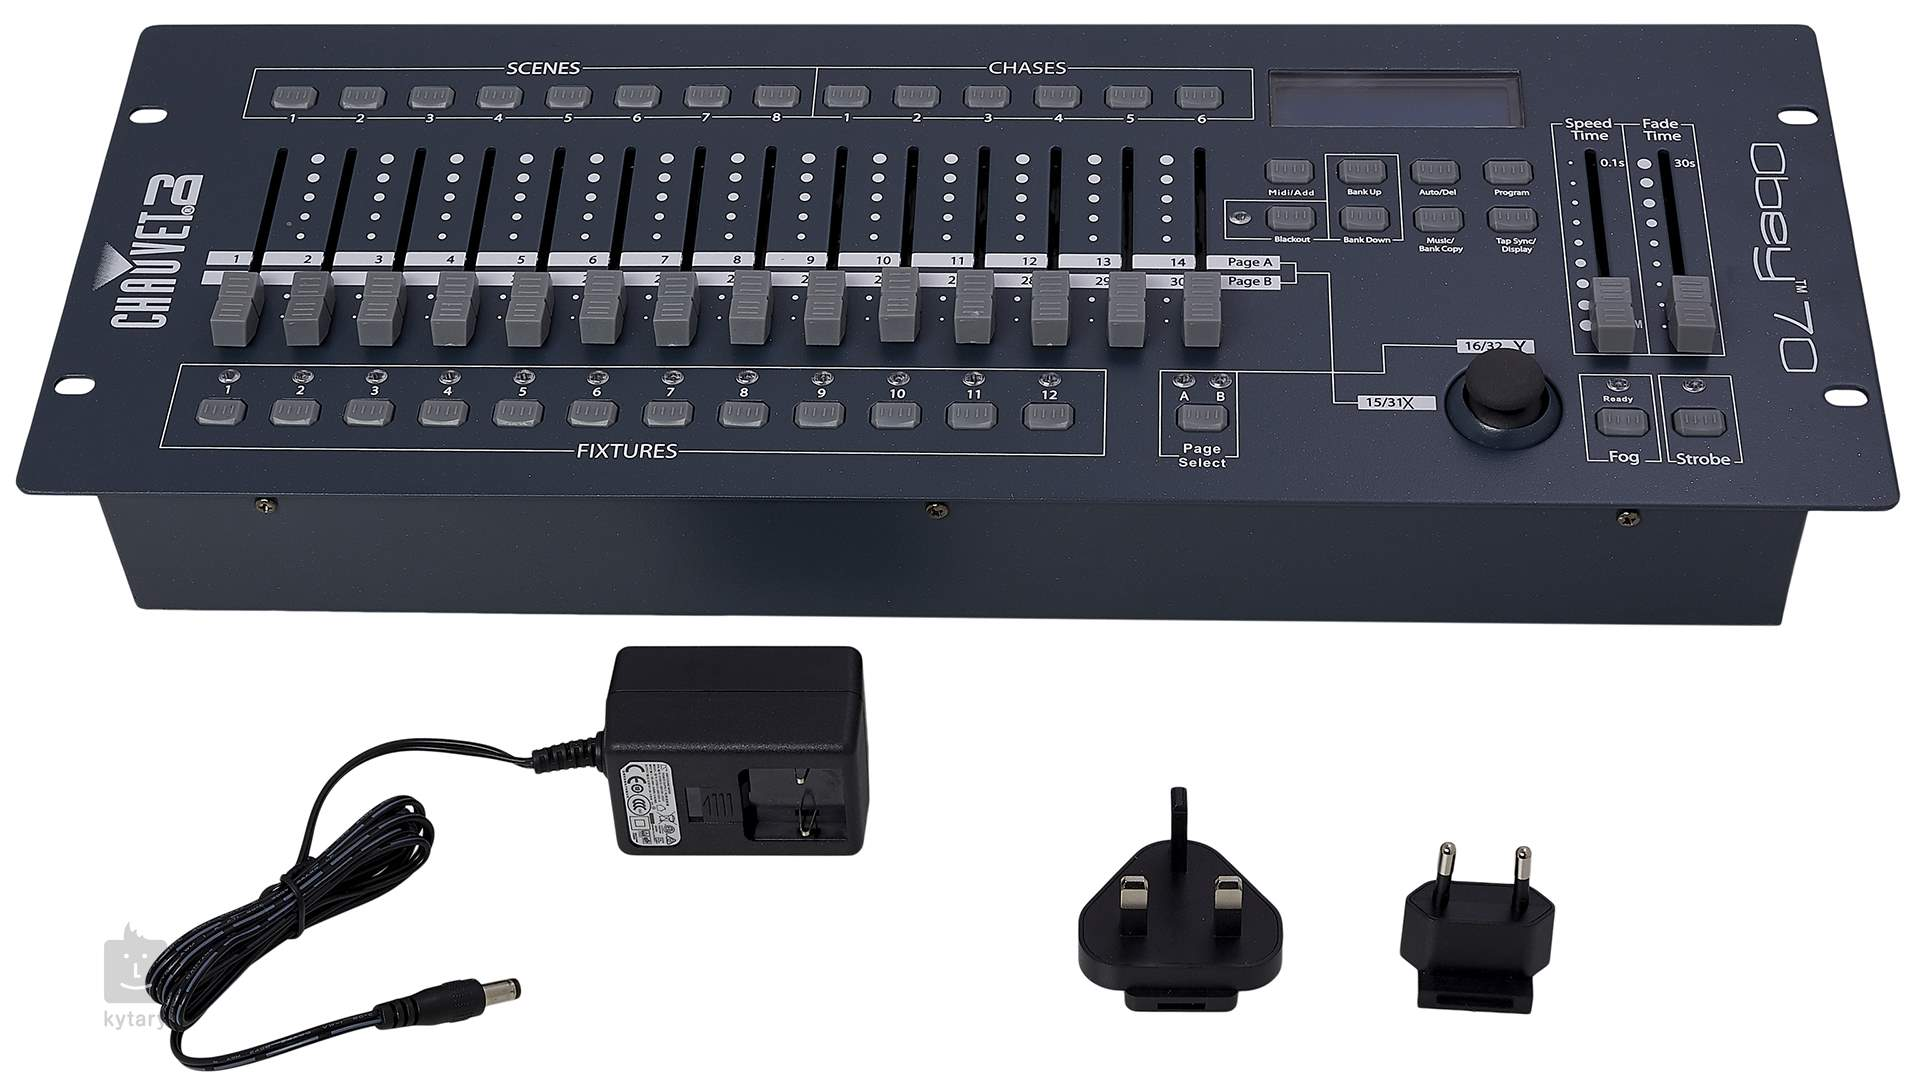 chauvet obey 70 dmx controller. Black Bedroom Furniture Sets. Home Design Ideas